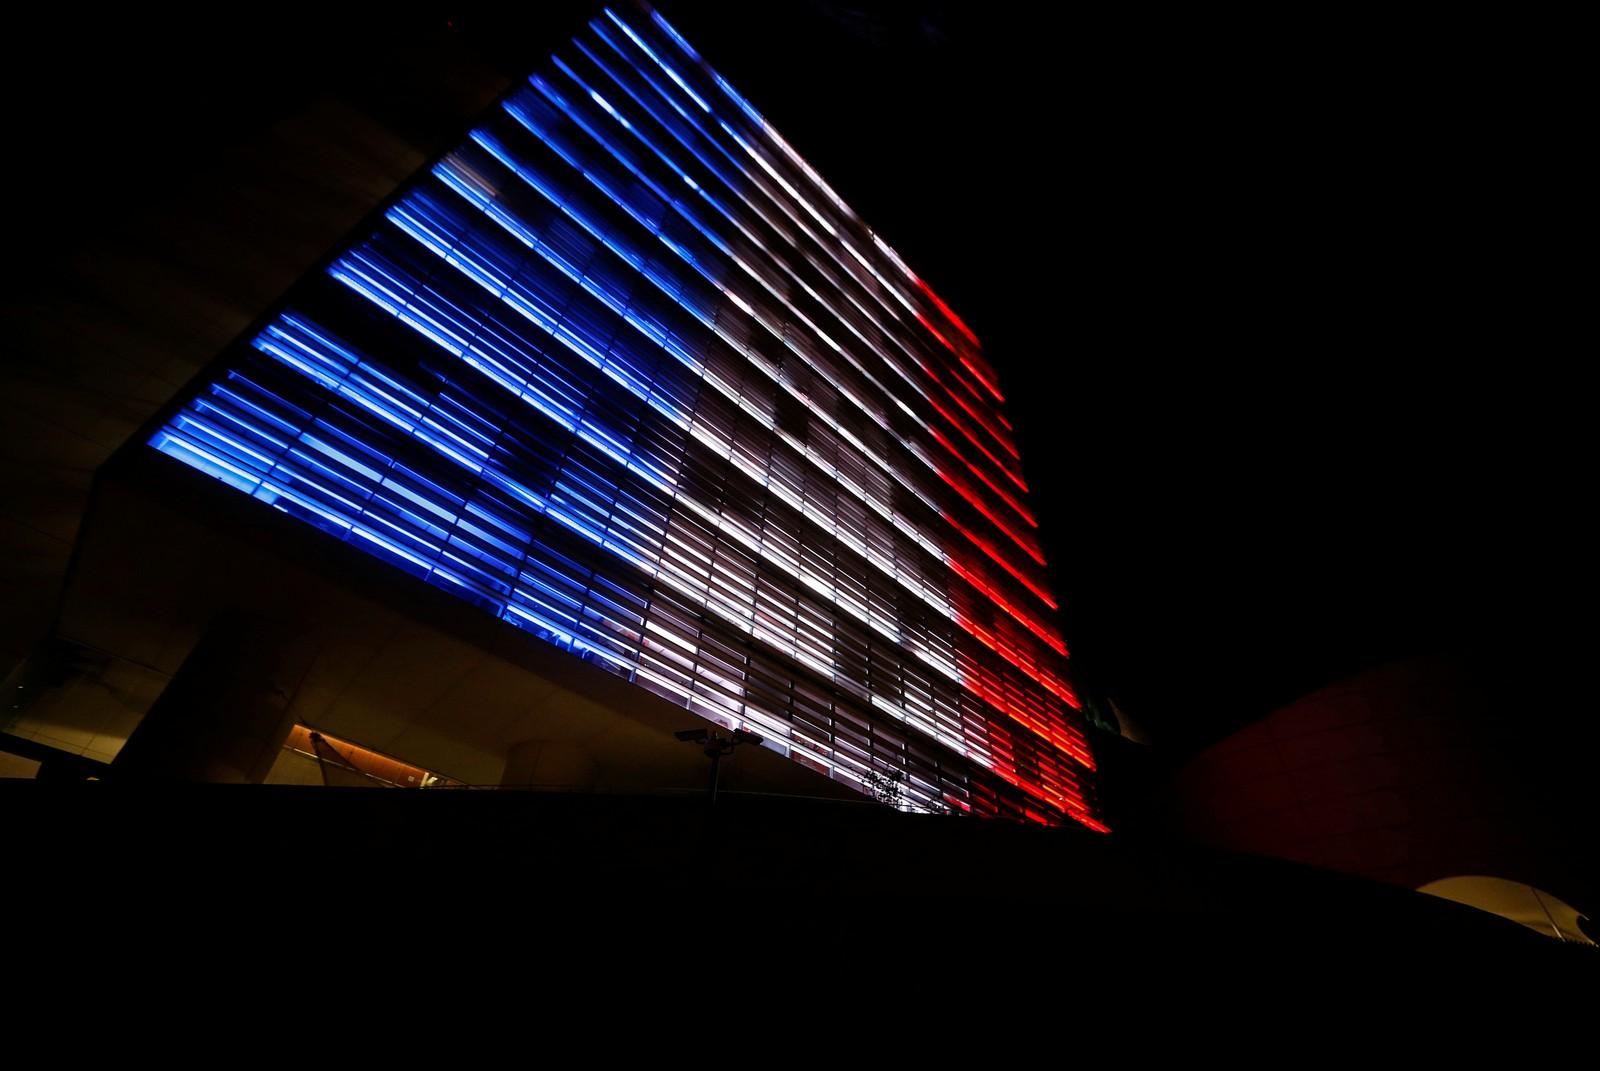 Senatet i Mexico City i franske farger for å hedre ofrene i Nice.